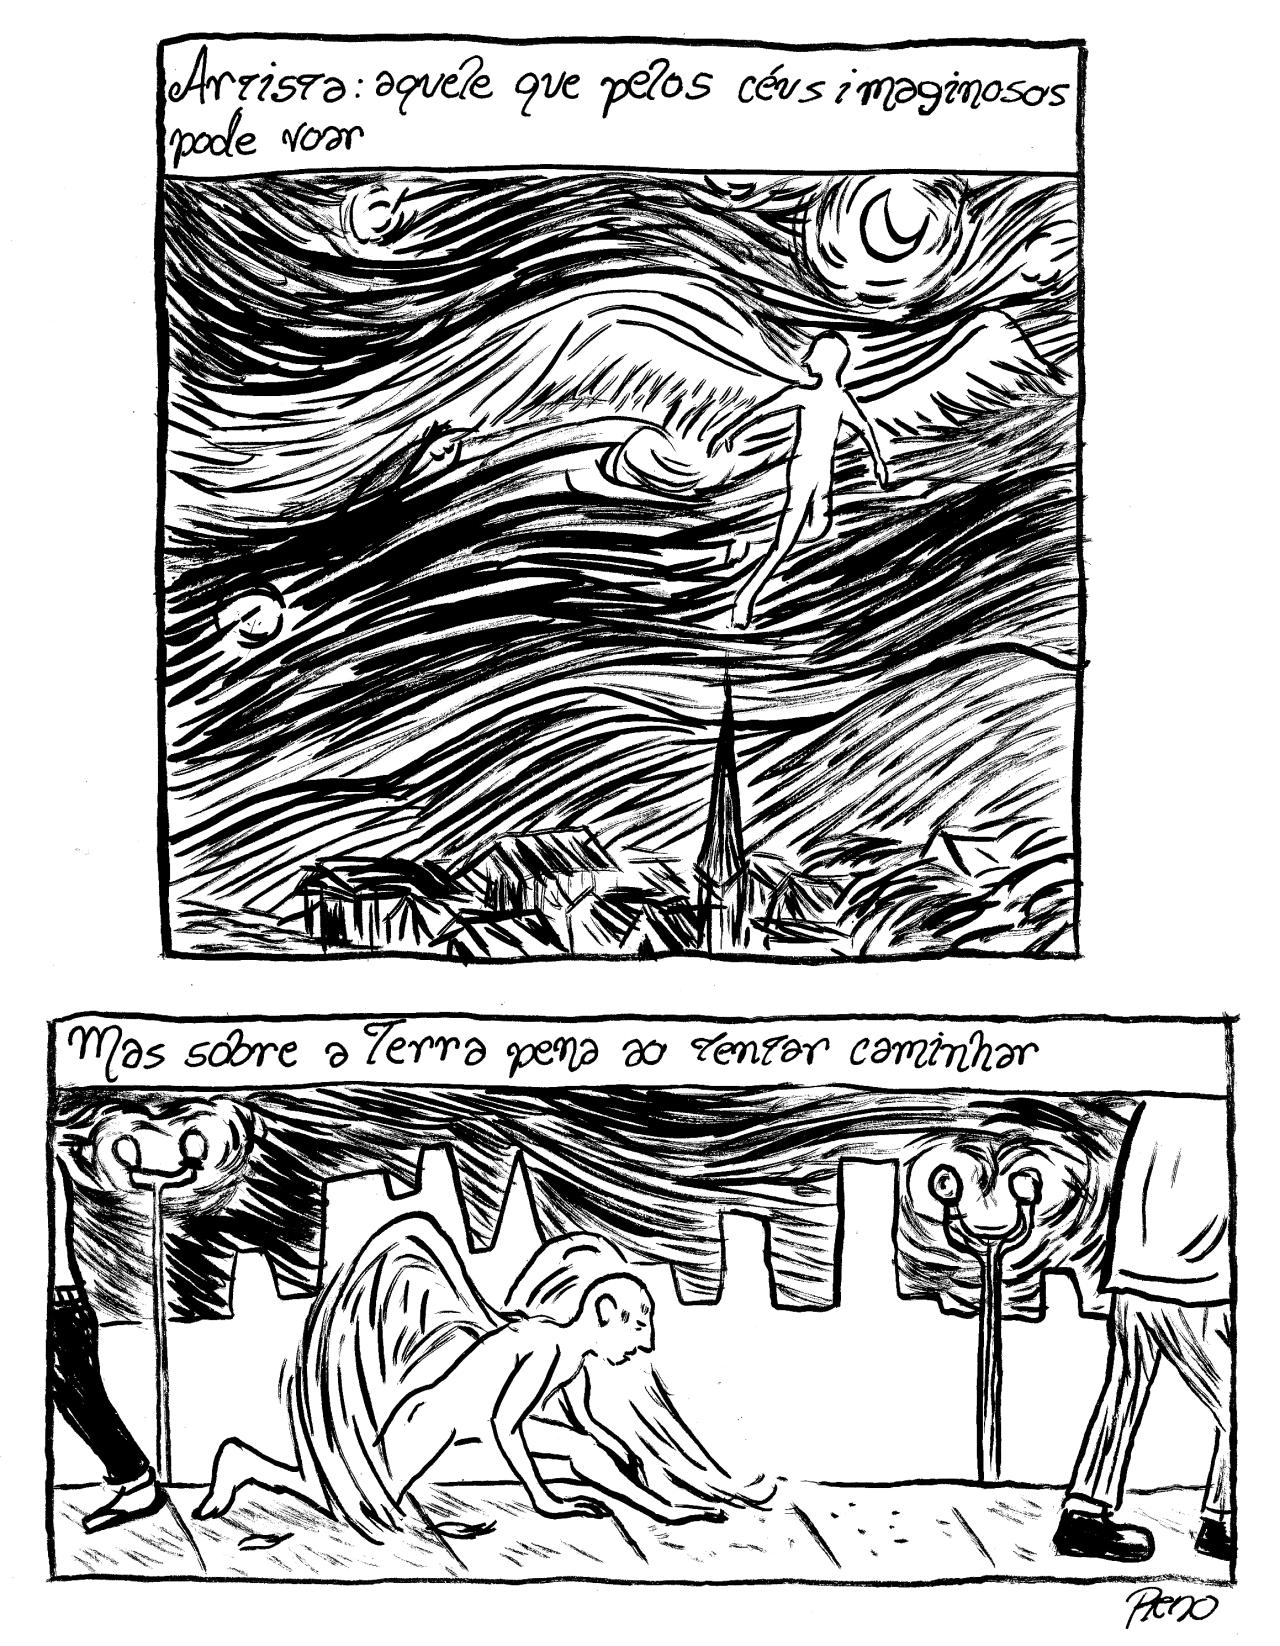 Linhas-page3_Artista